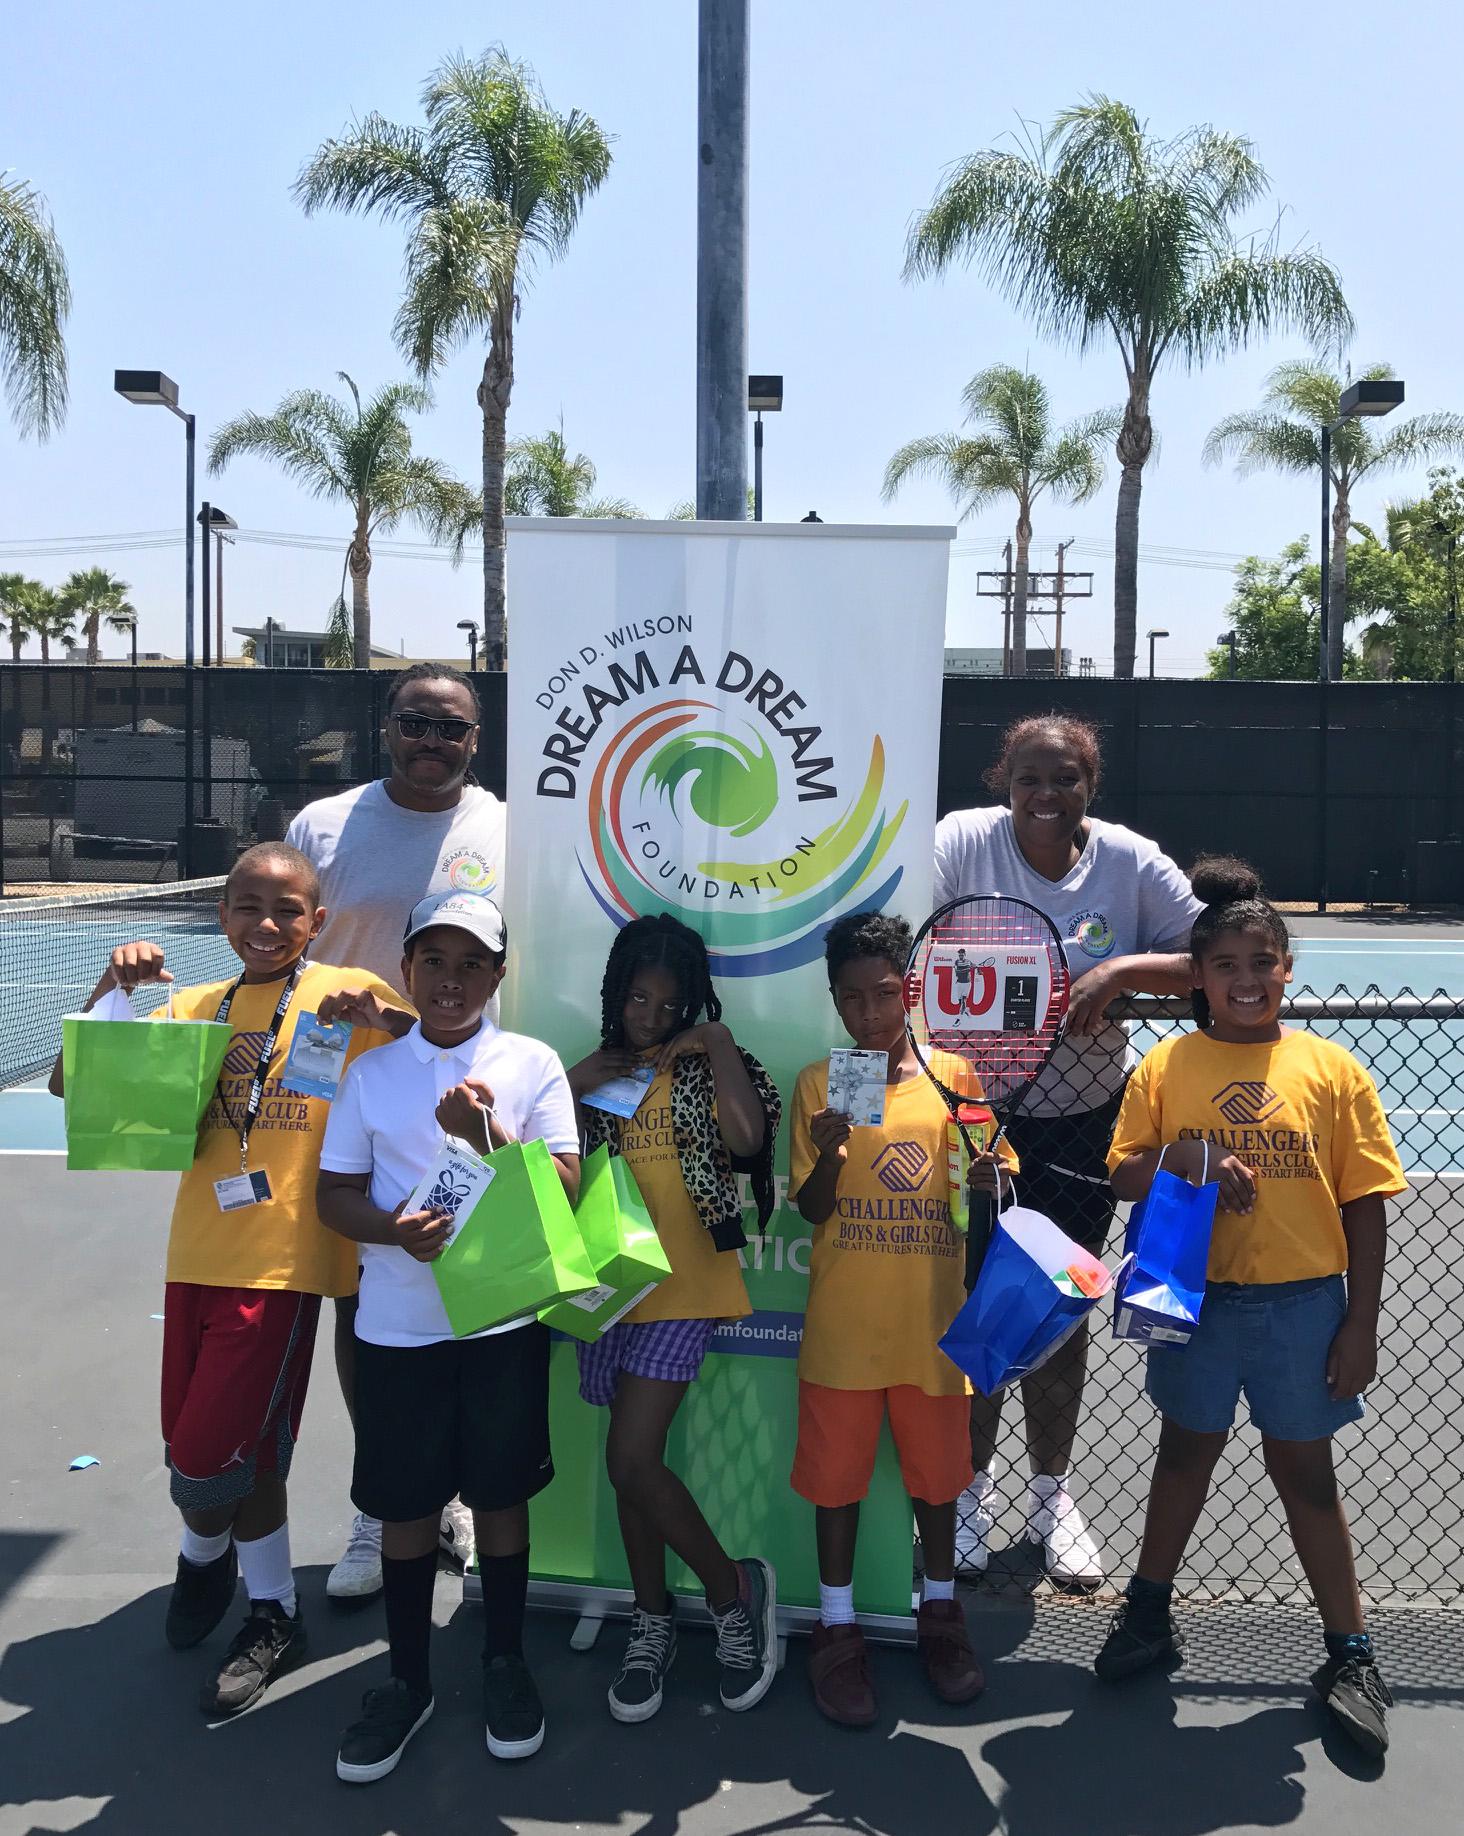 D.A.D. Tennis Clinic BGCLA